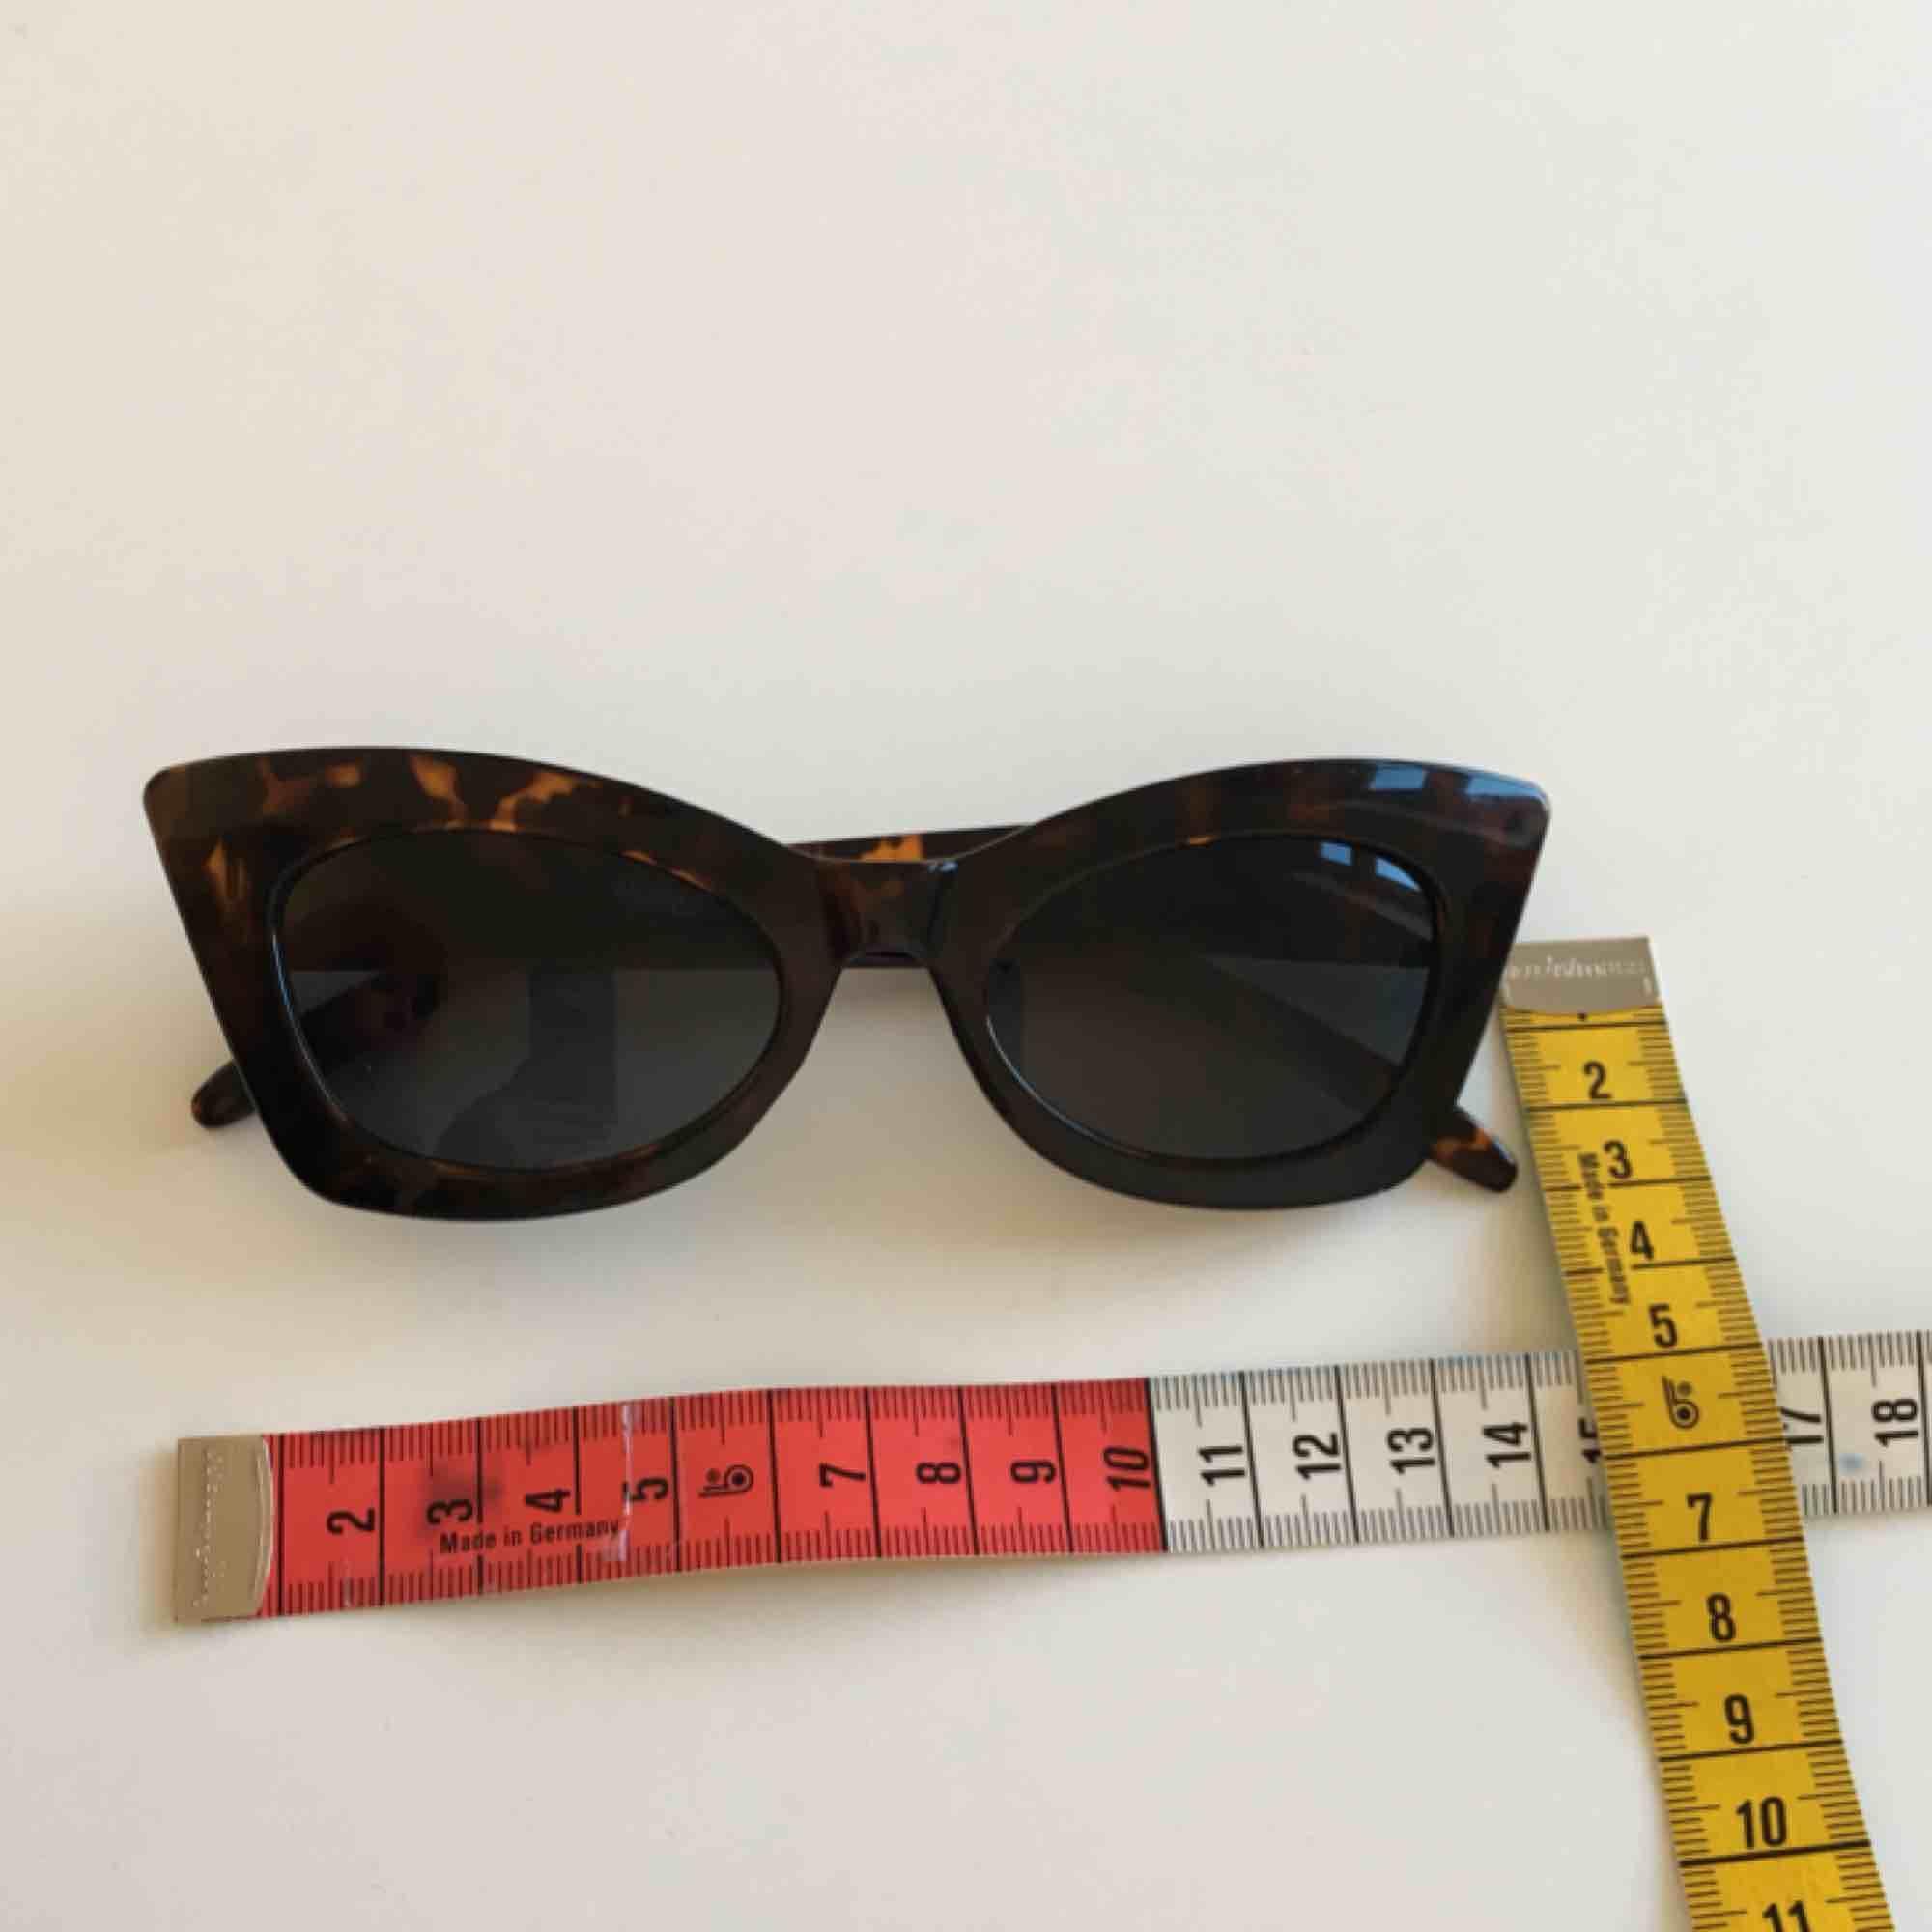 Retro solglasögon! Funkar bra mot sol och är väldigt snygga, lite för tighta för mitt huvud dock :(. Frakt ingår . Accessoarer.